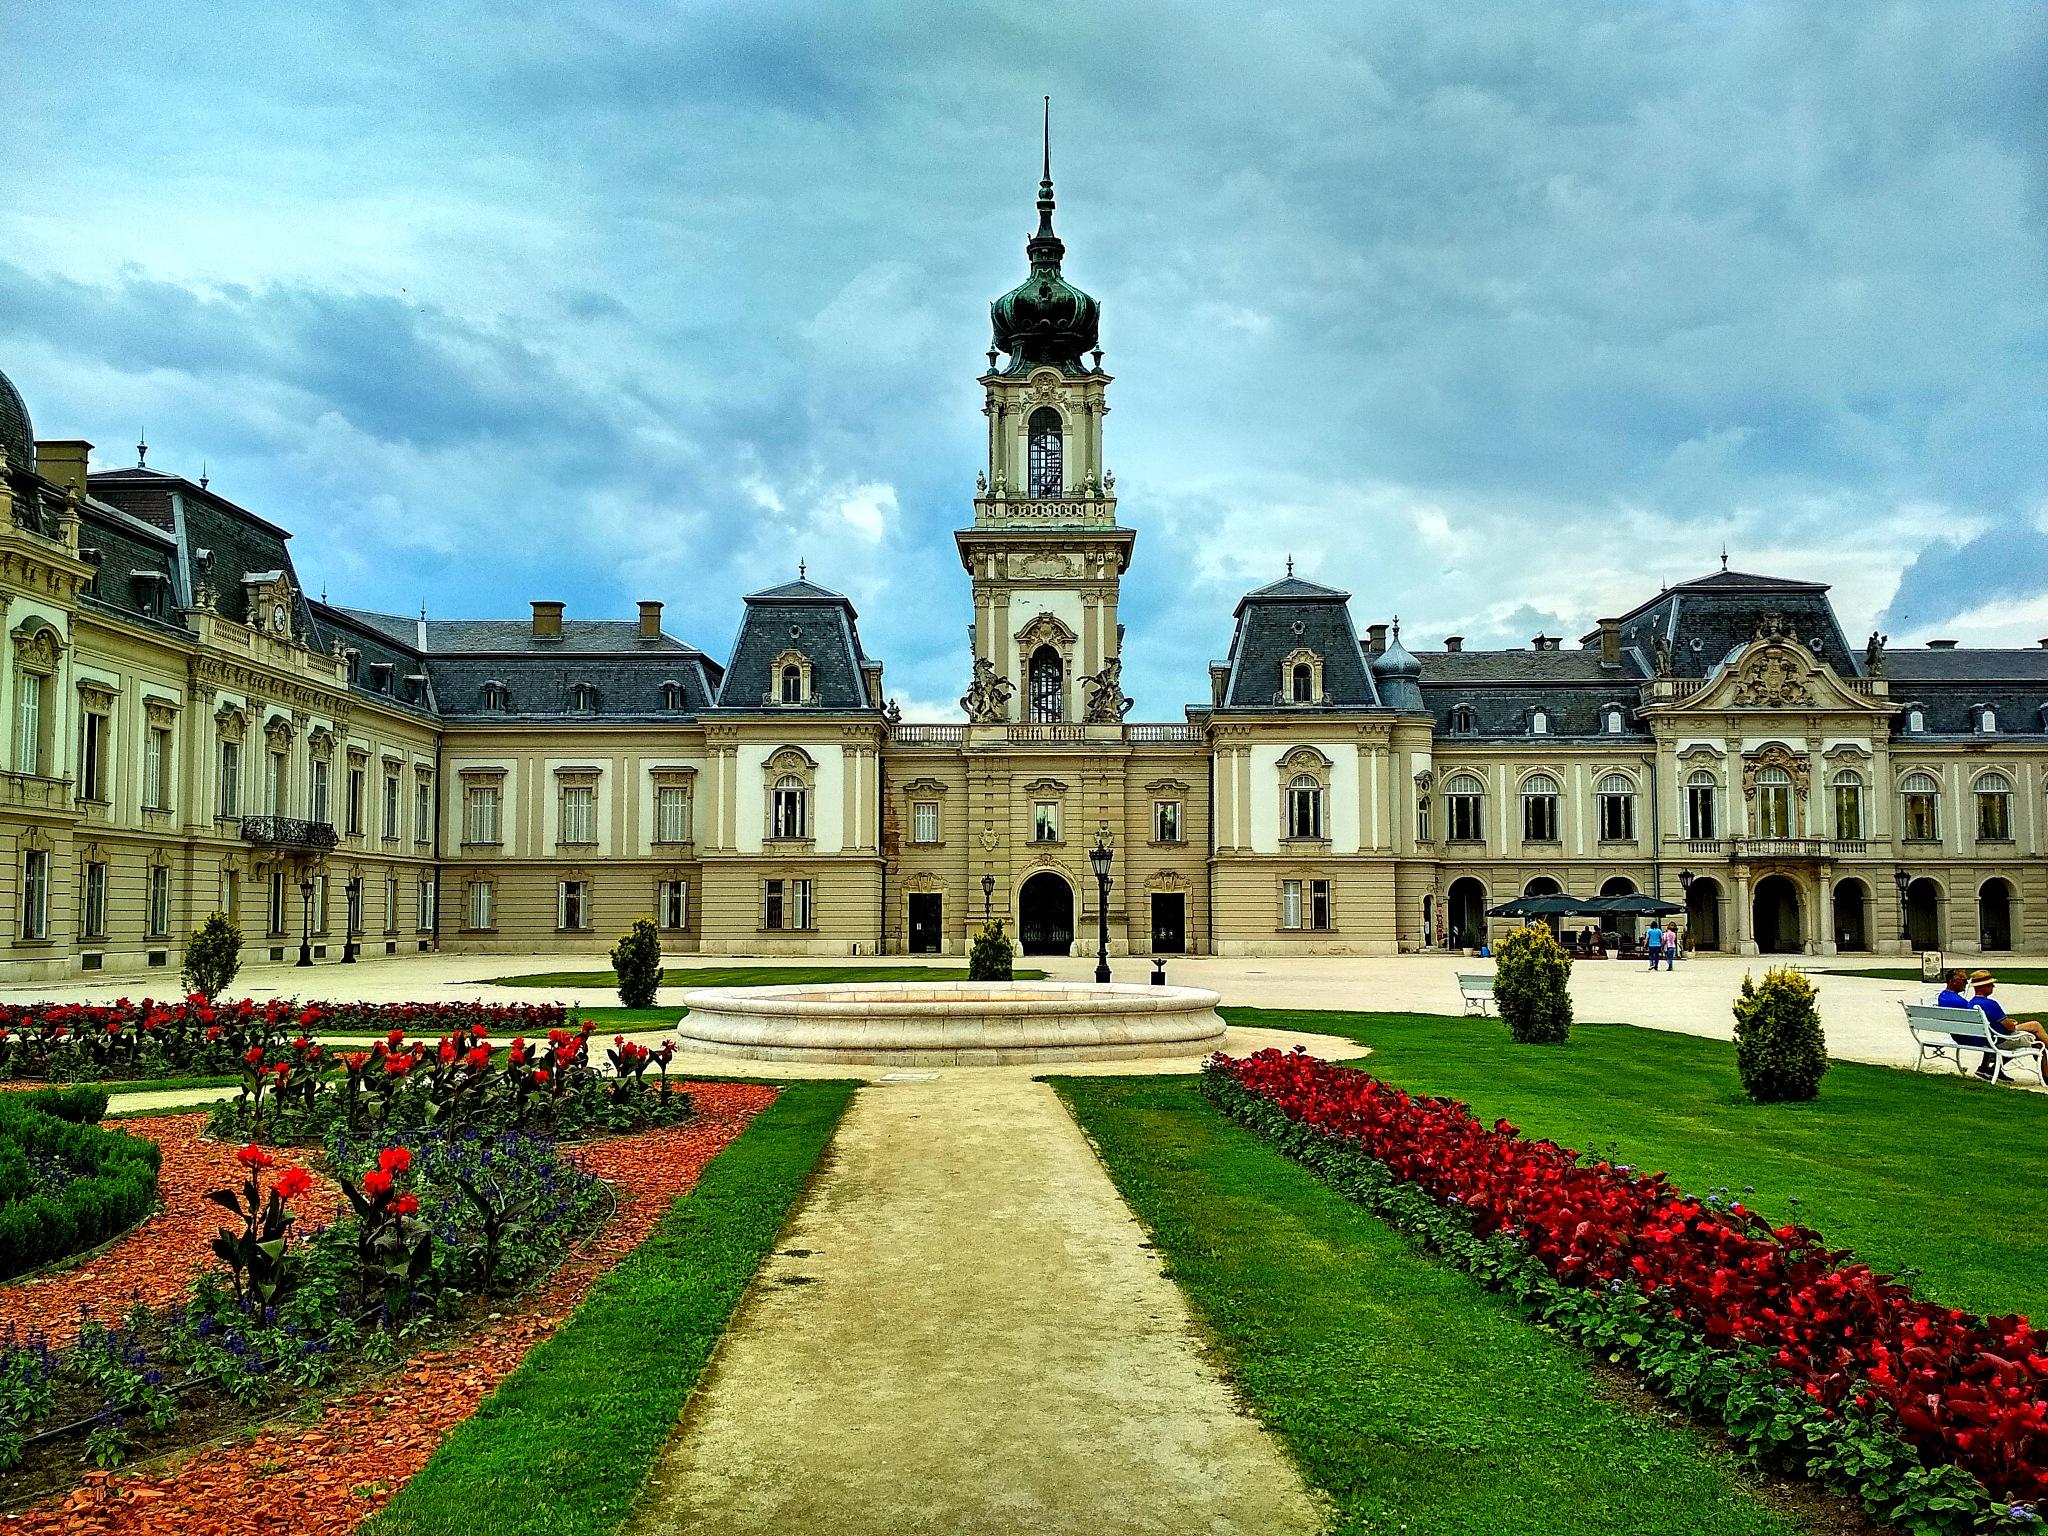 Festetics Palace, Keszthely, Hungary by Sevoir